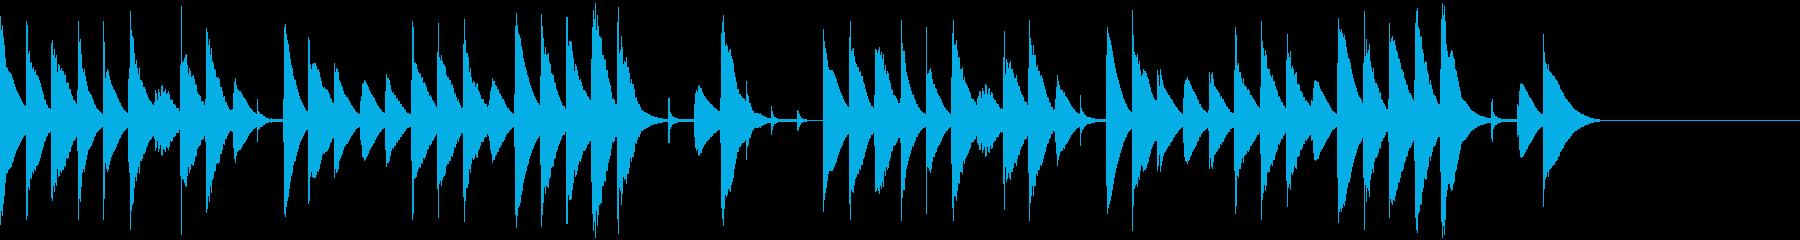 木琴によるほのぼのとした雰囲気のBGMの再生済みの波形